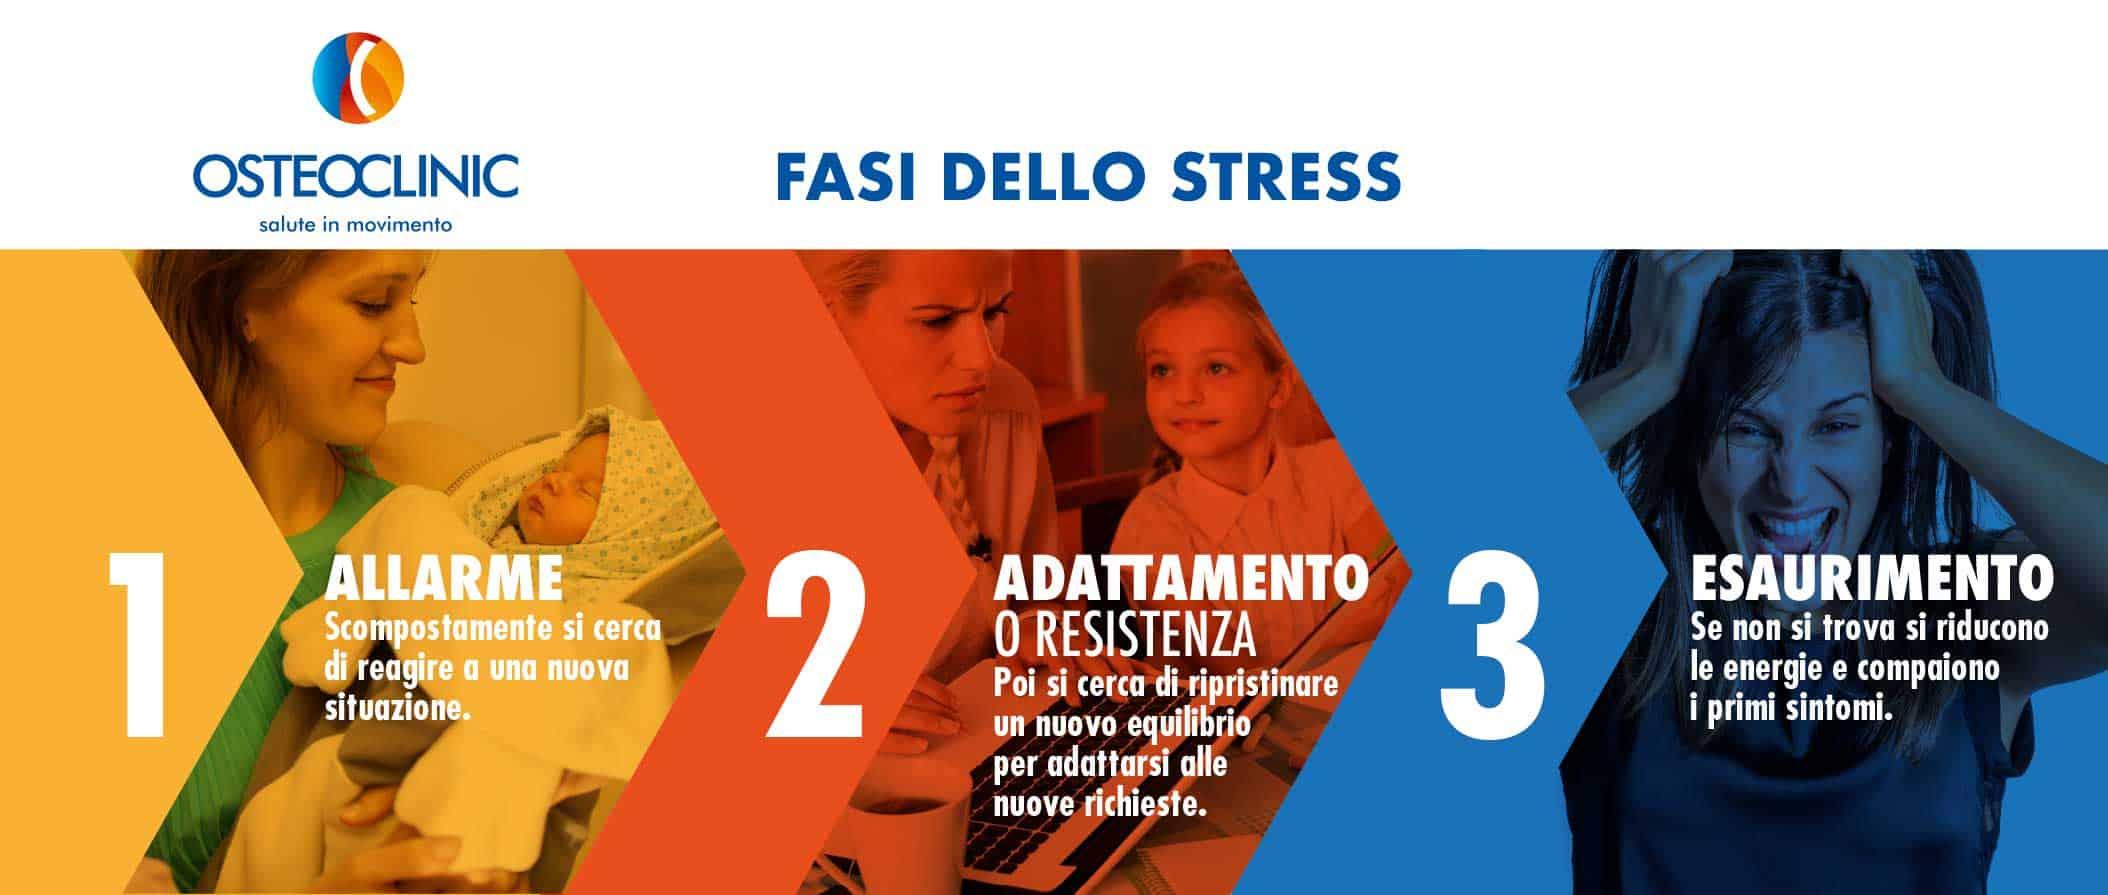 cosa provoca lo stress e fasi di adattamento